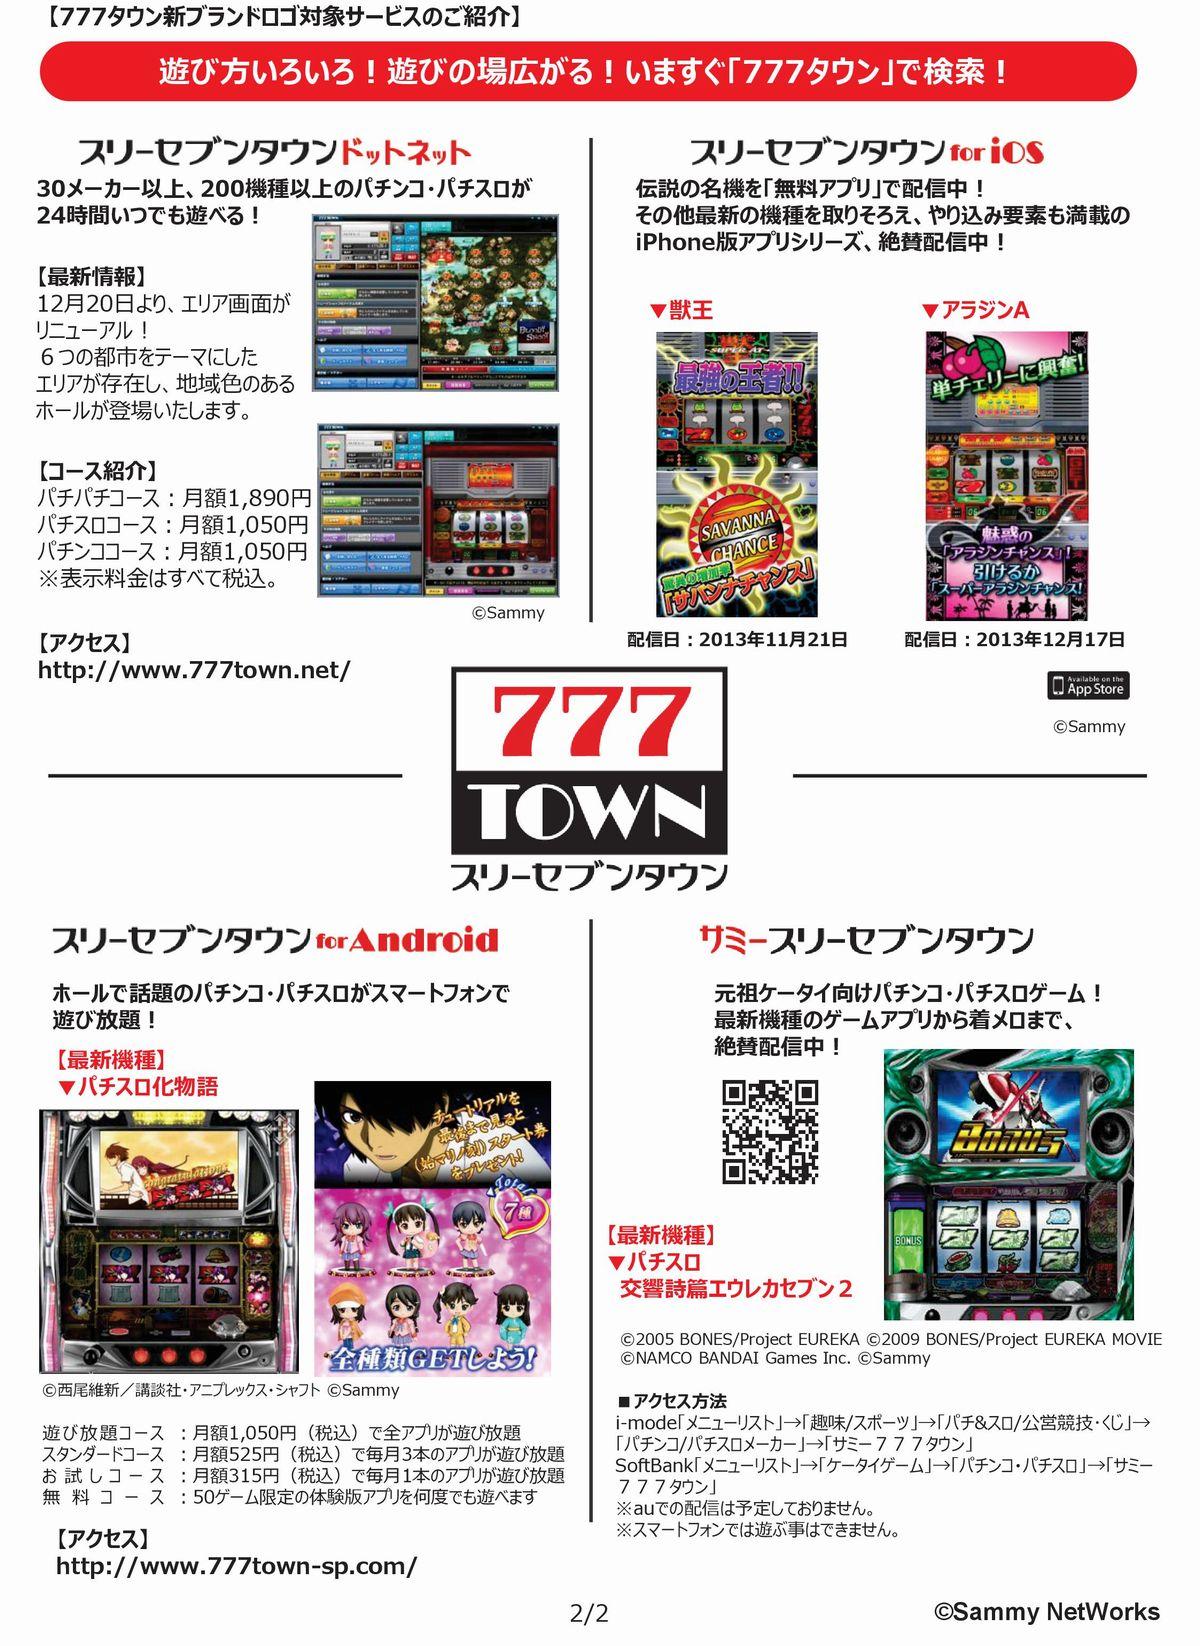 【777タウン共通】新ロゴ展開開始のご報告-002